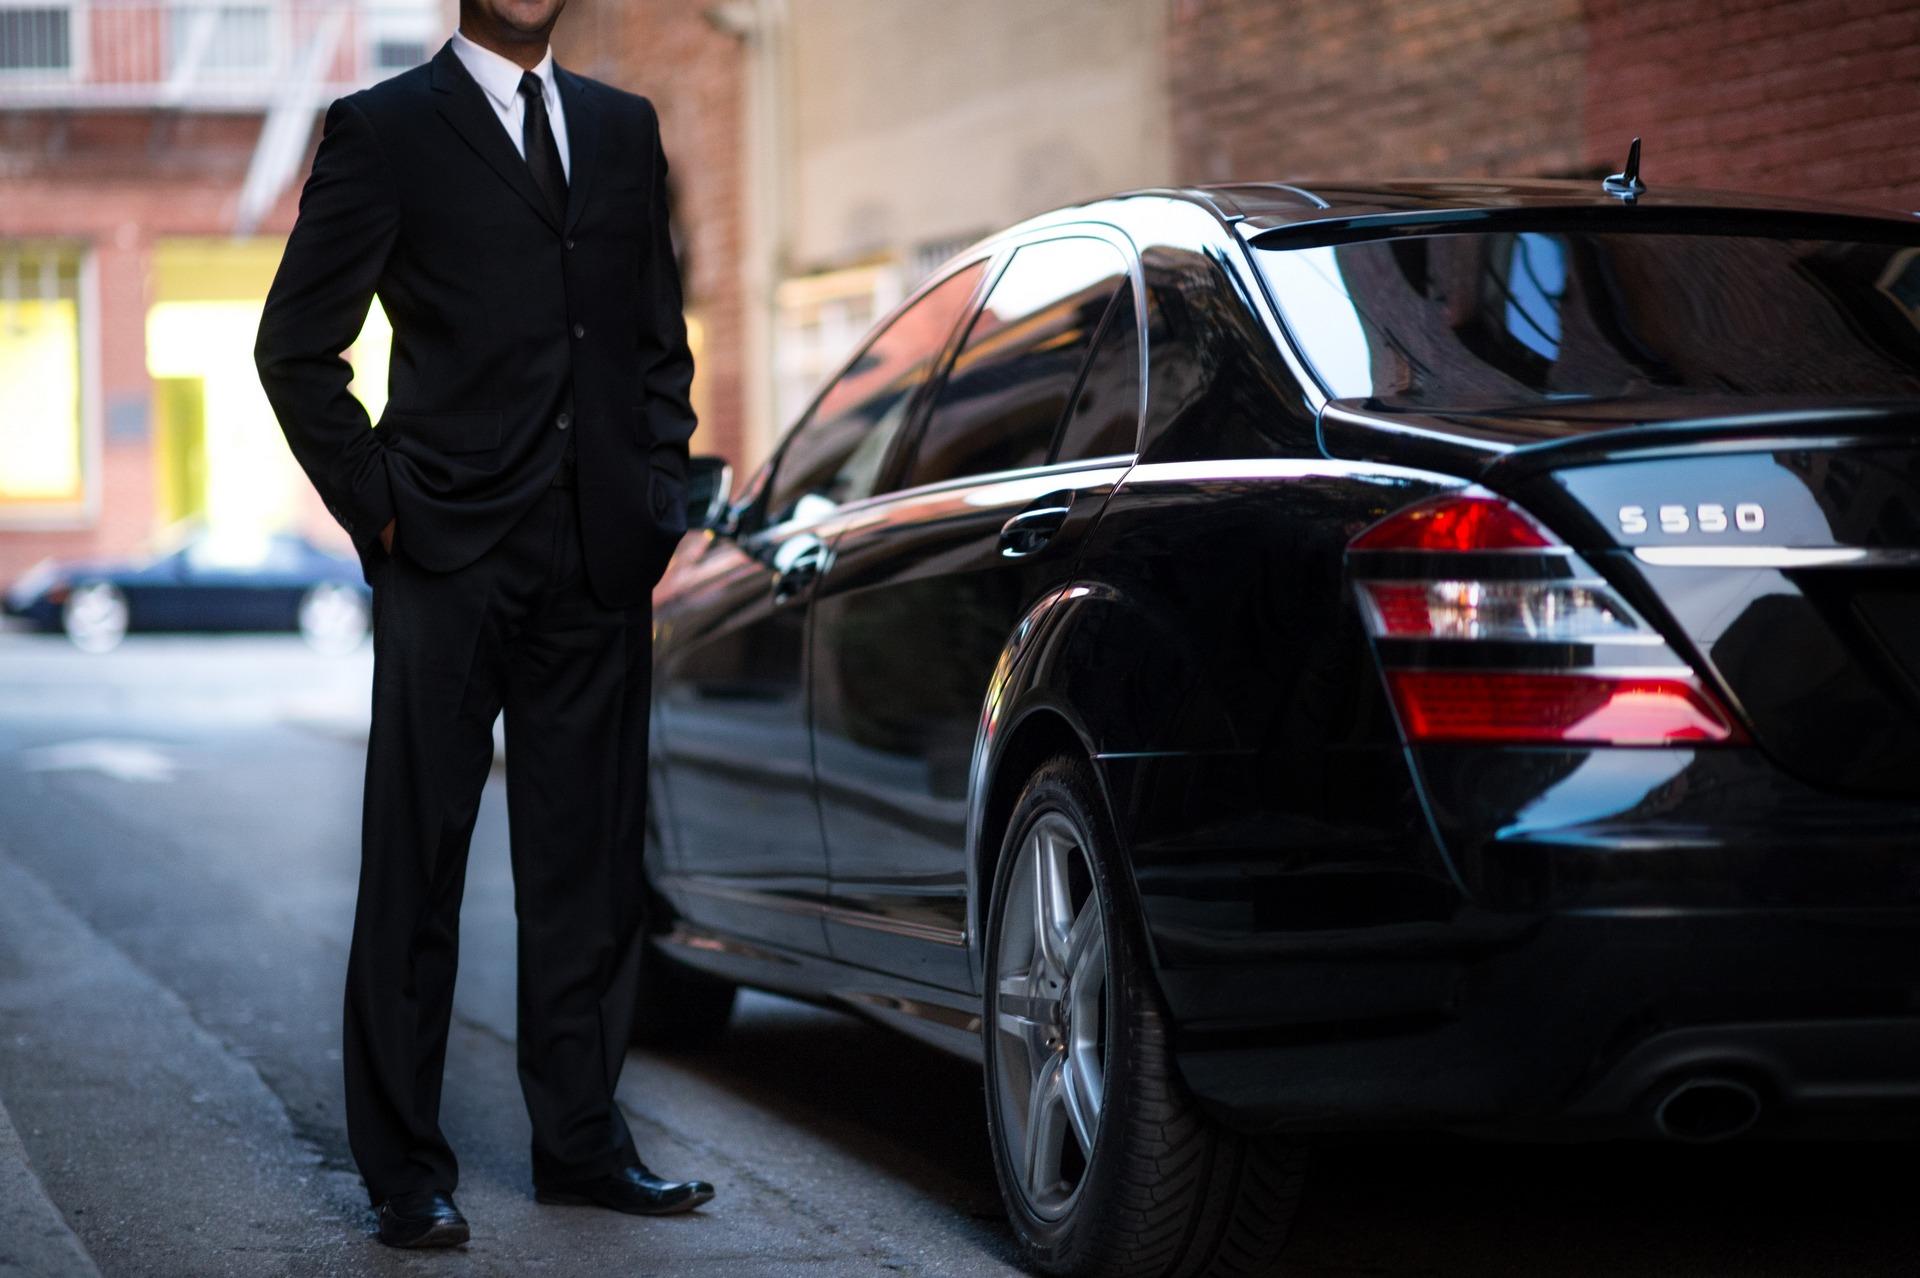 кричит забора, фото мужчина в костюме возле машины том, как